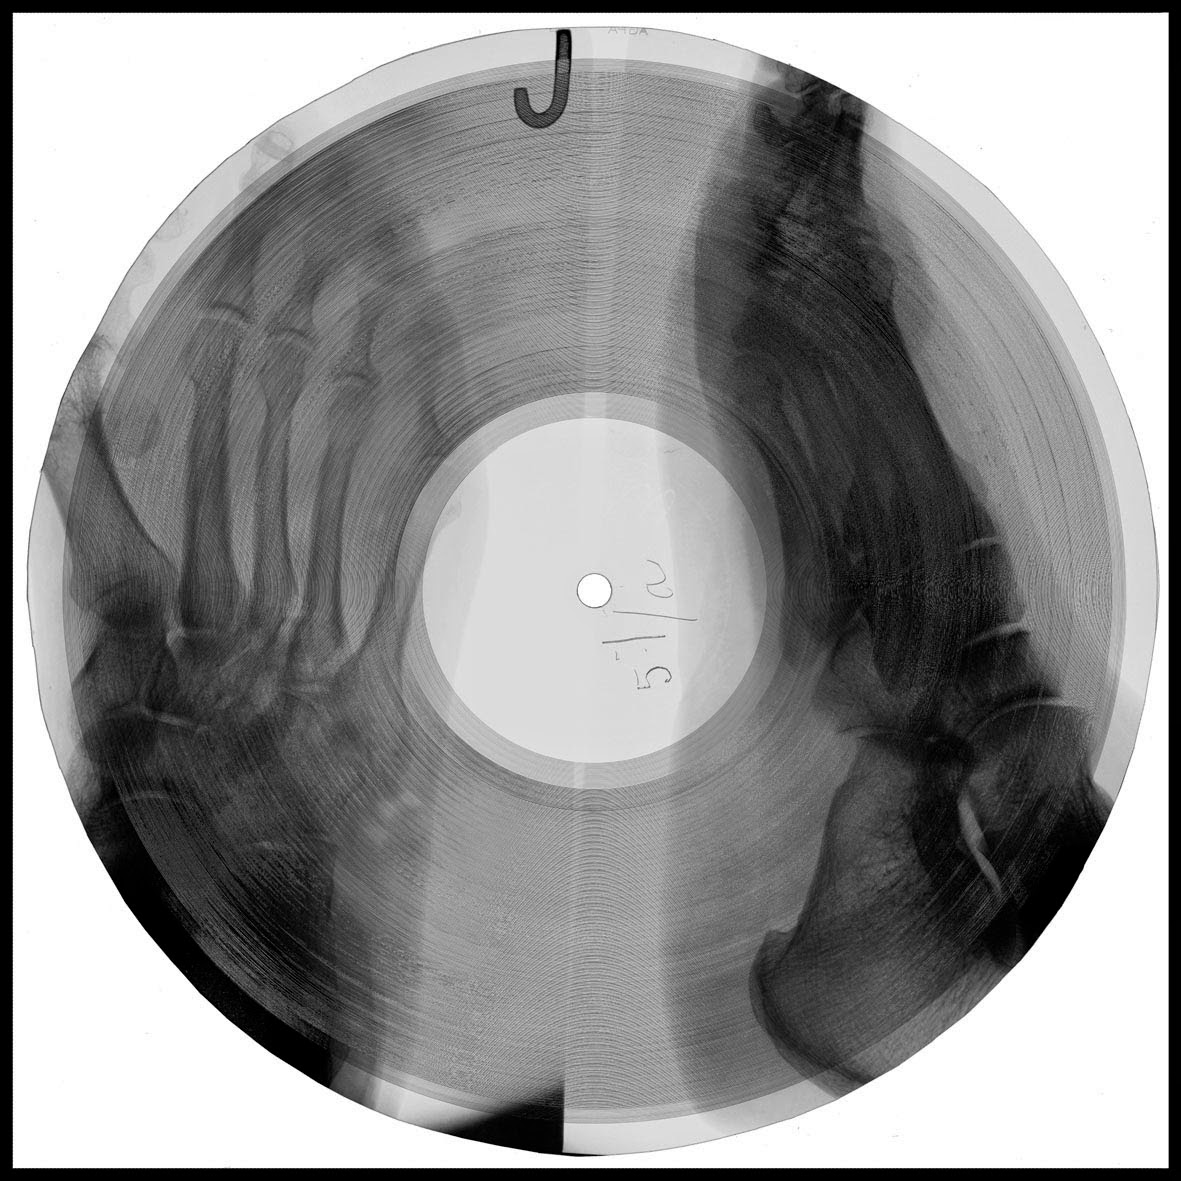 radiografias_vinilos_5